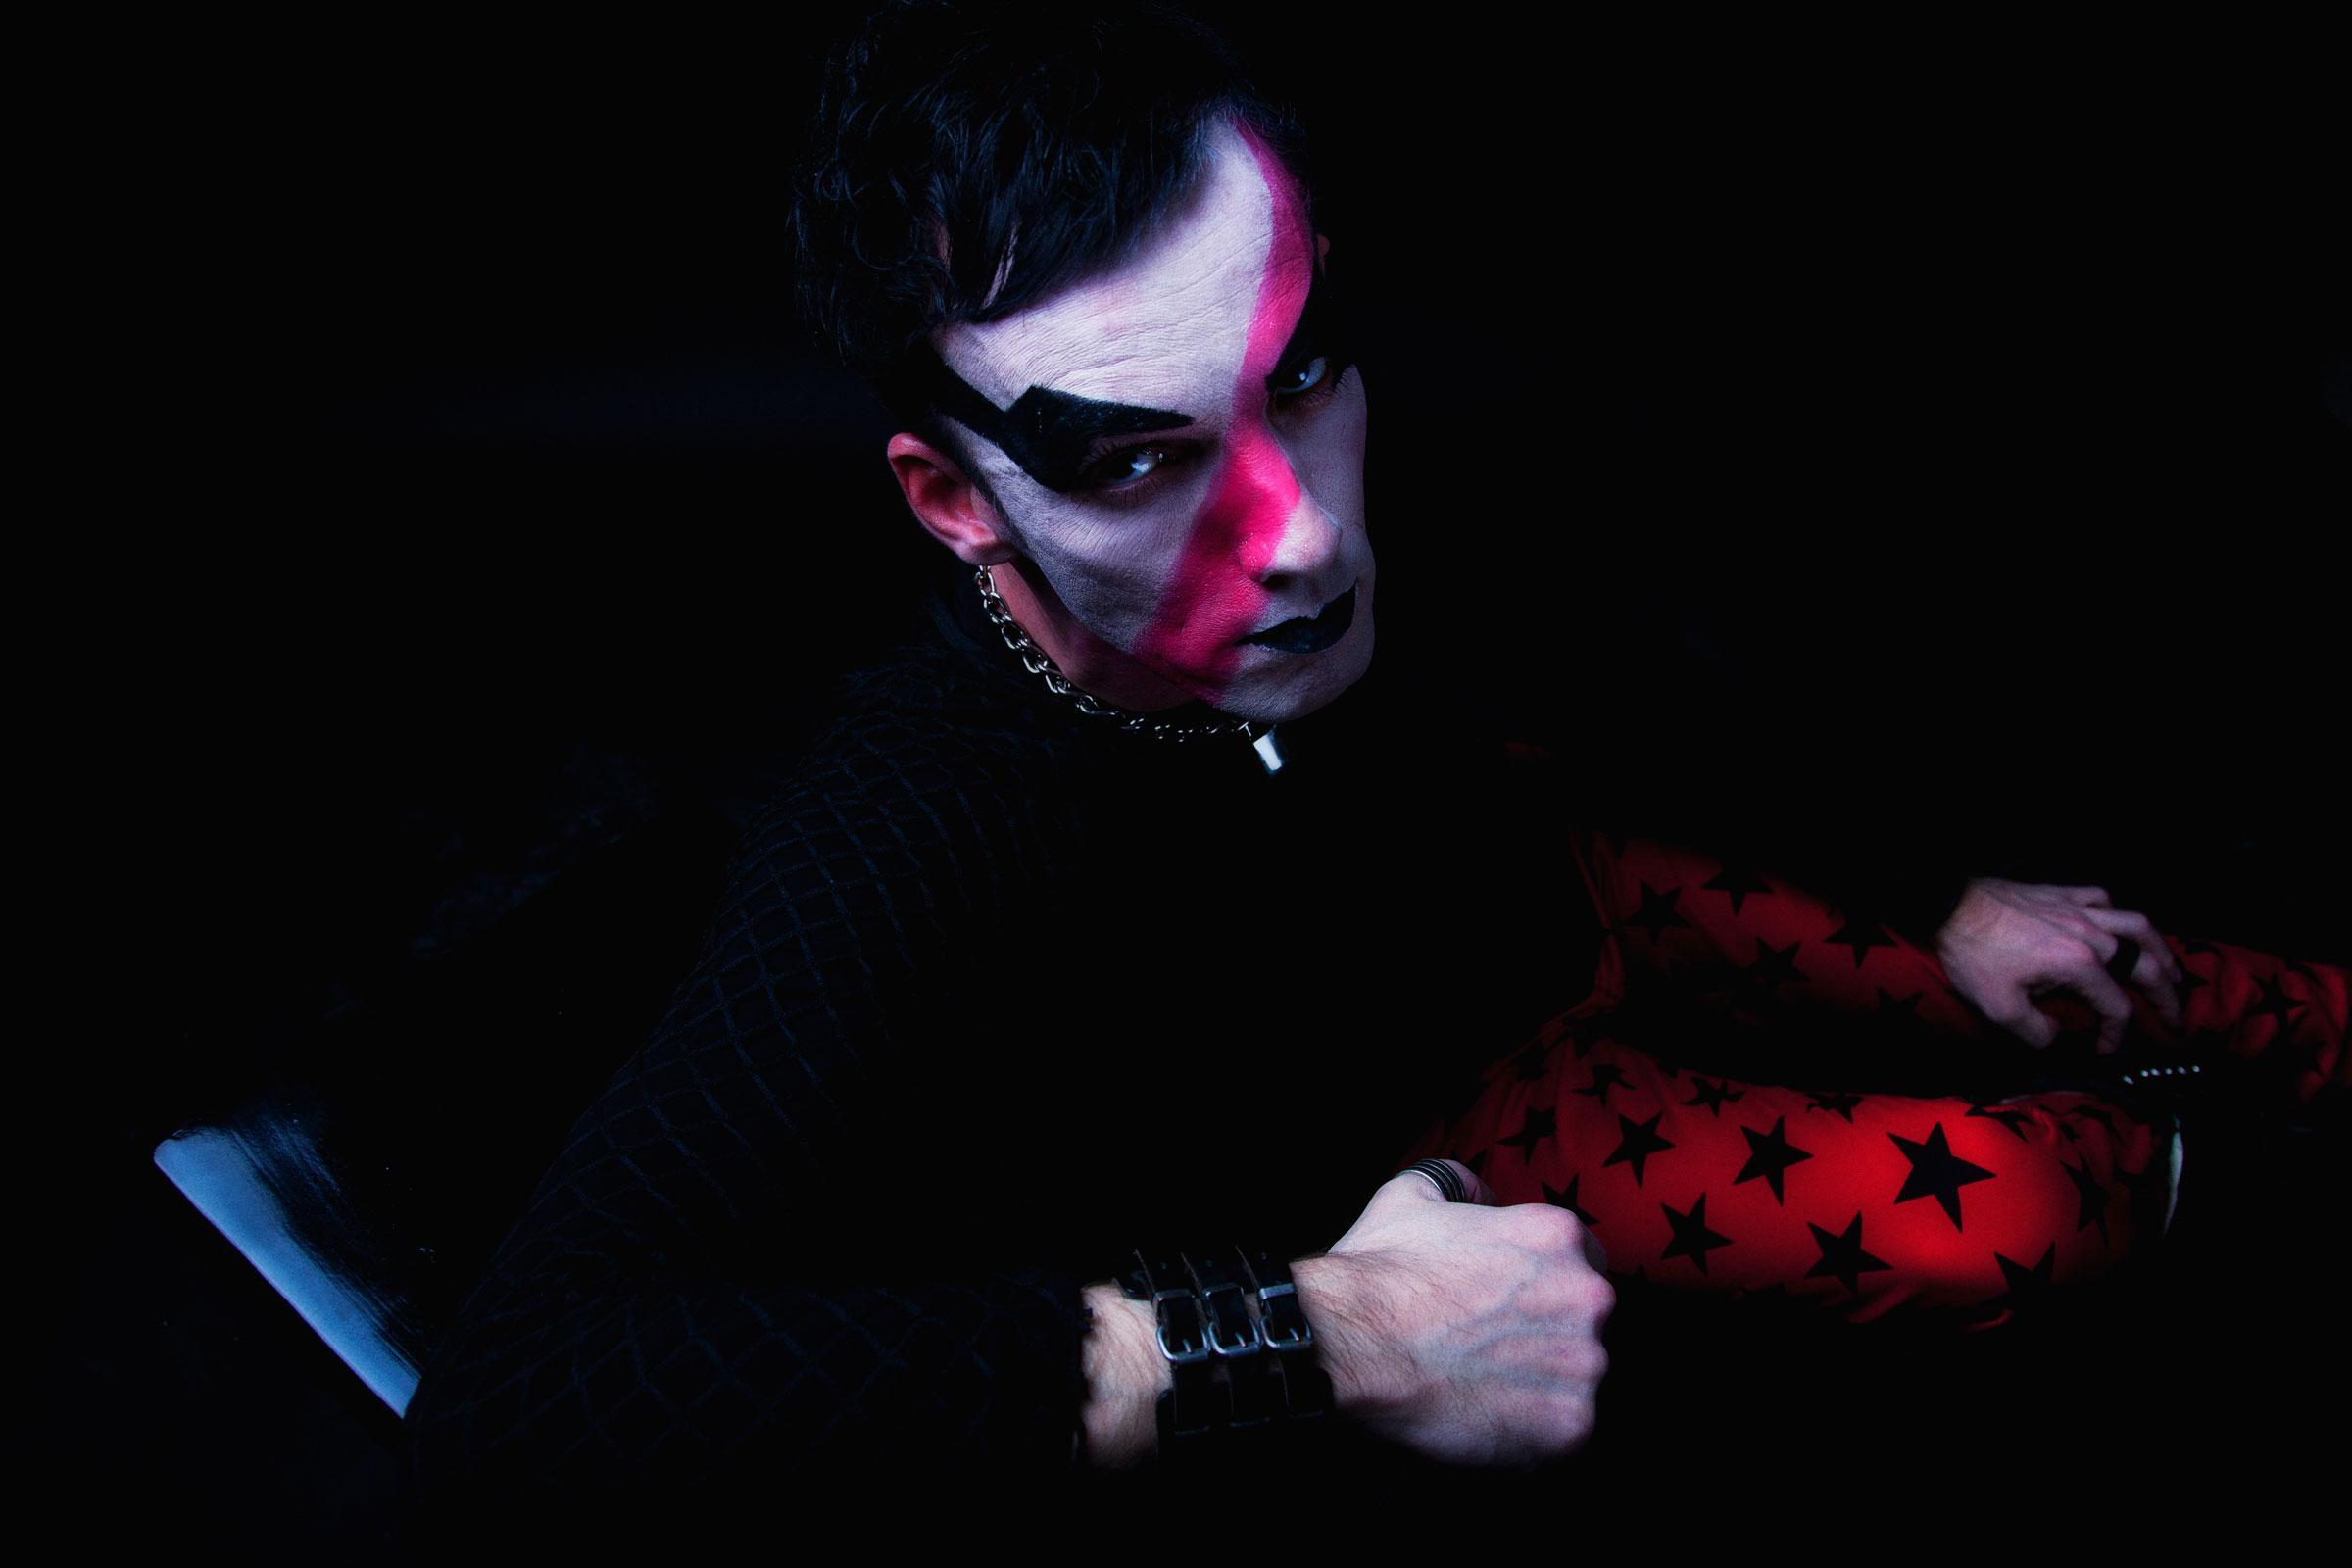 Portret dark glamour 6 door Juri Hiensch